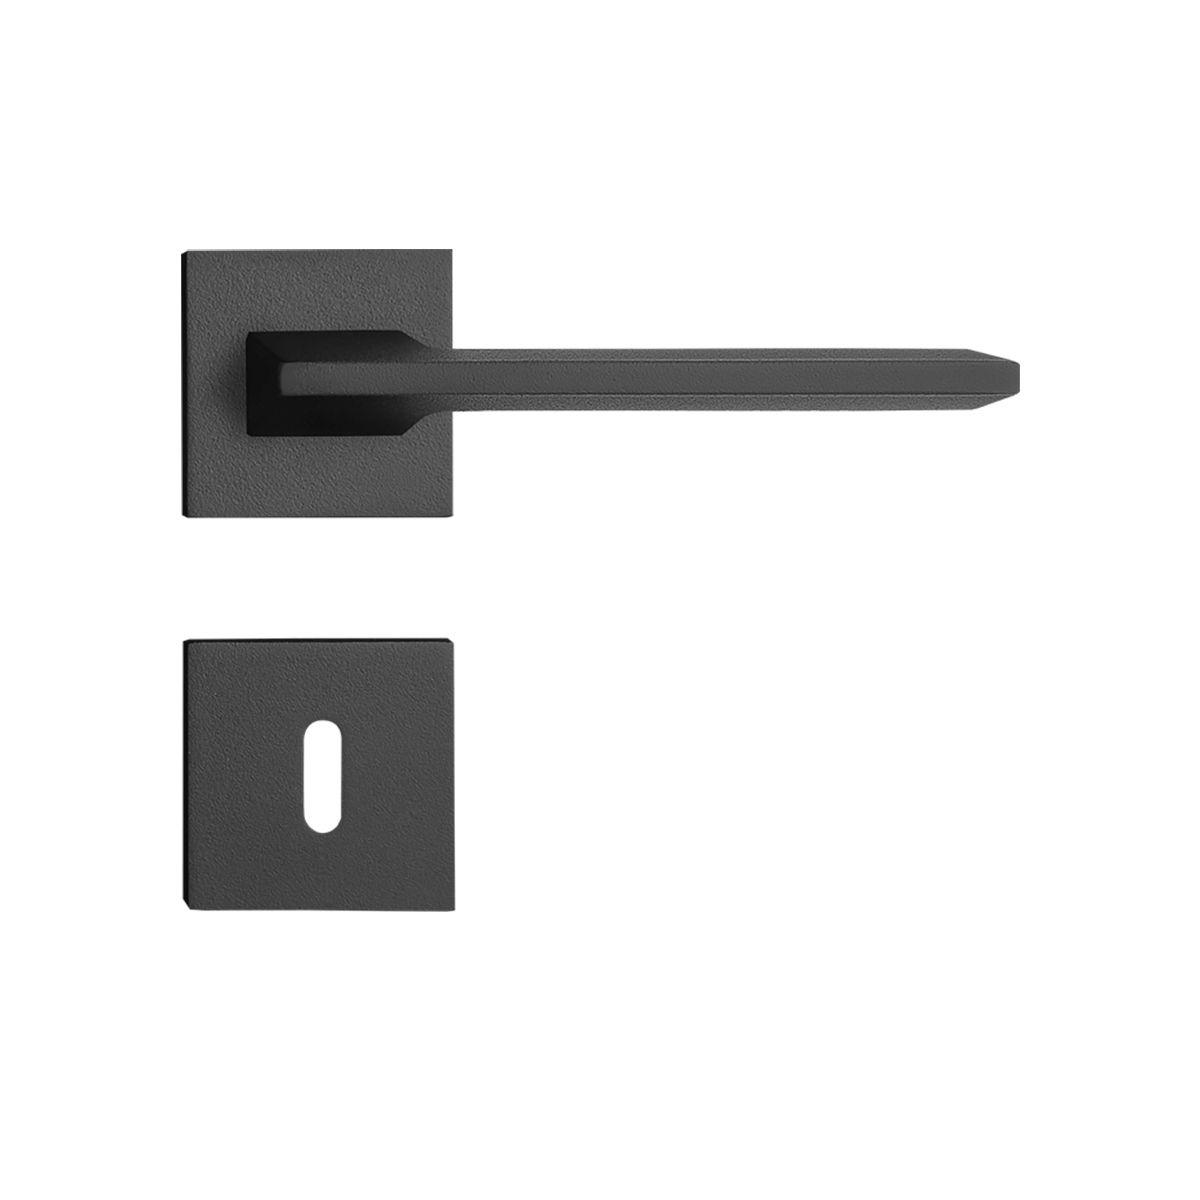 Fechadura Interna Pado Sara Roseta Quadrada Preta 55mm